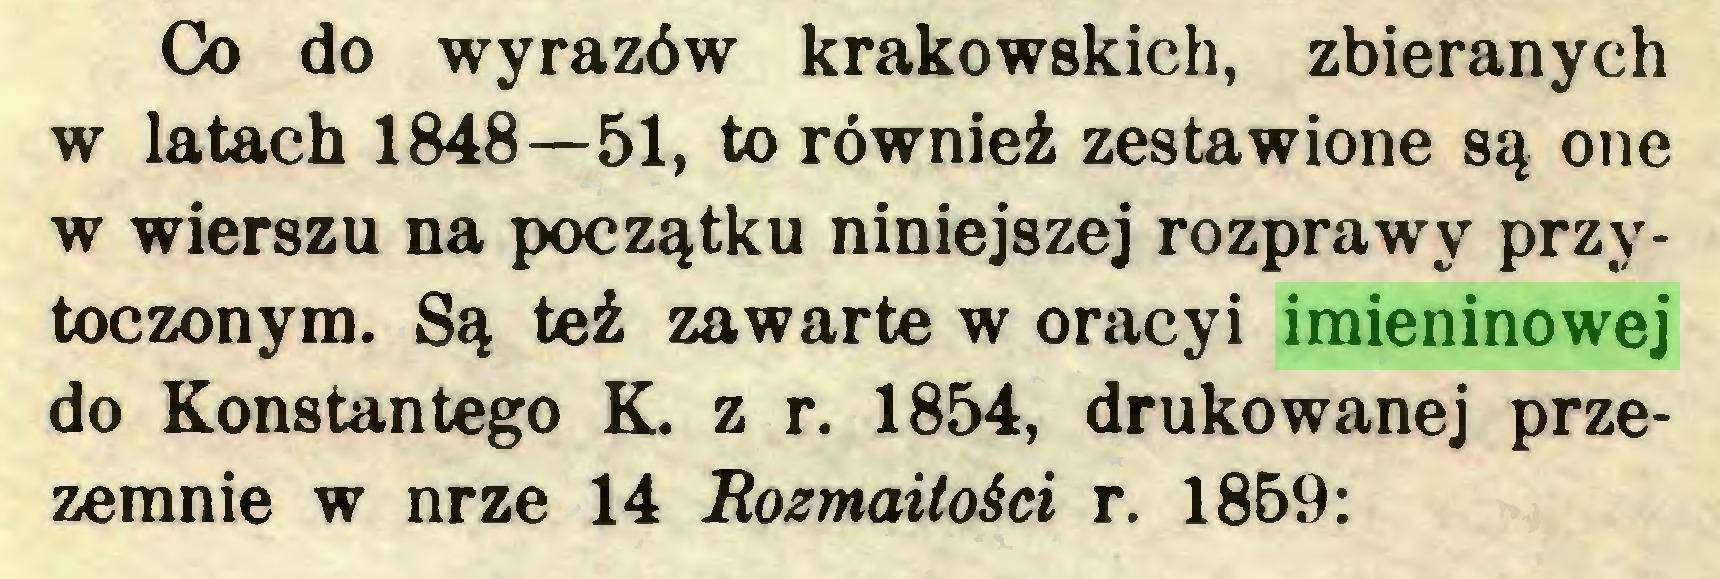 (...) Co do wyrazów krakowskich, zbieranych w latach 1848—51, to również zestawione są one w wierszu na początku niniejszej rozprawy przytoczonym. Są też zawarte w oracyi imieninowej do Konstantego K. z r. 1854, drukowanej przezemnie w nr ze 14 Rozmaitości r. 1859:...